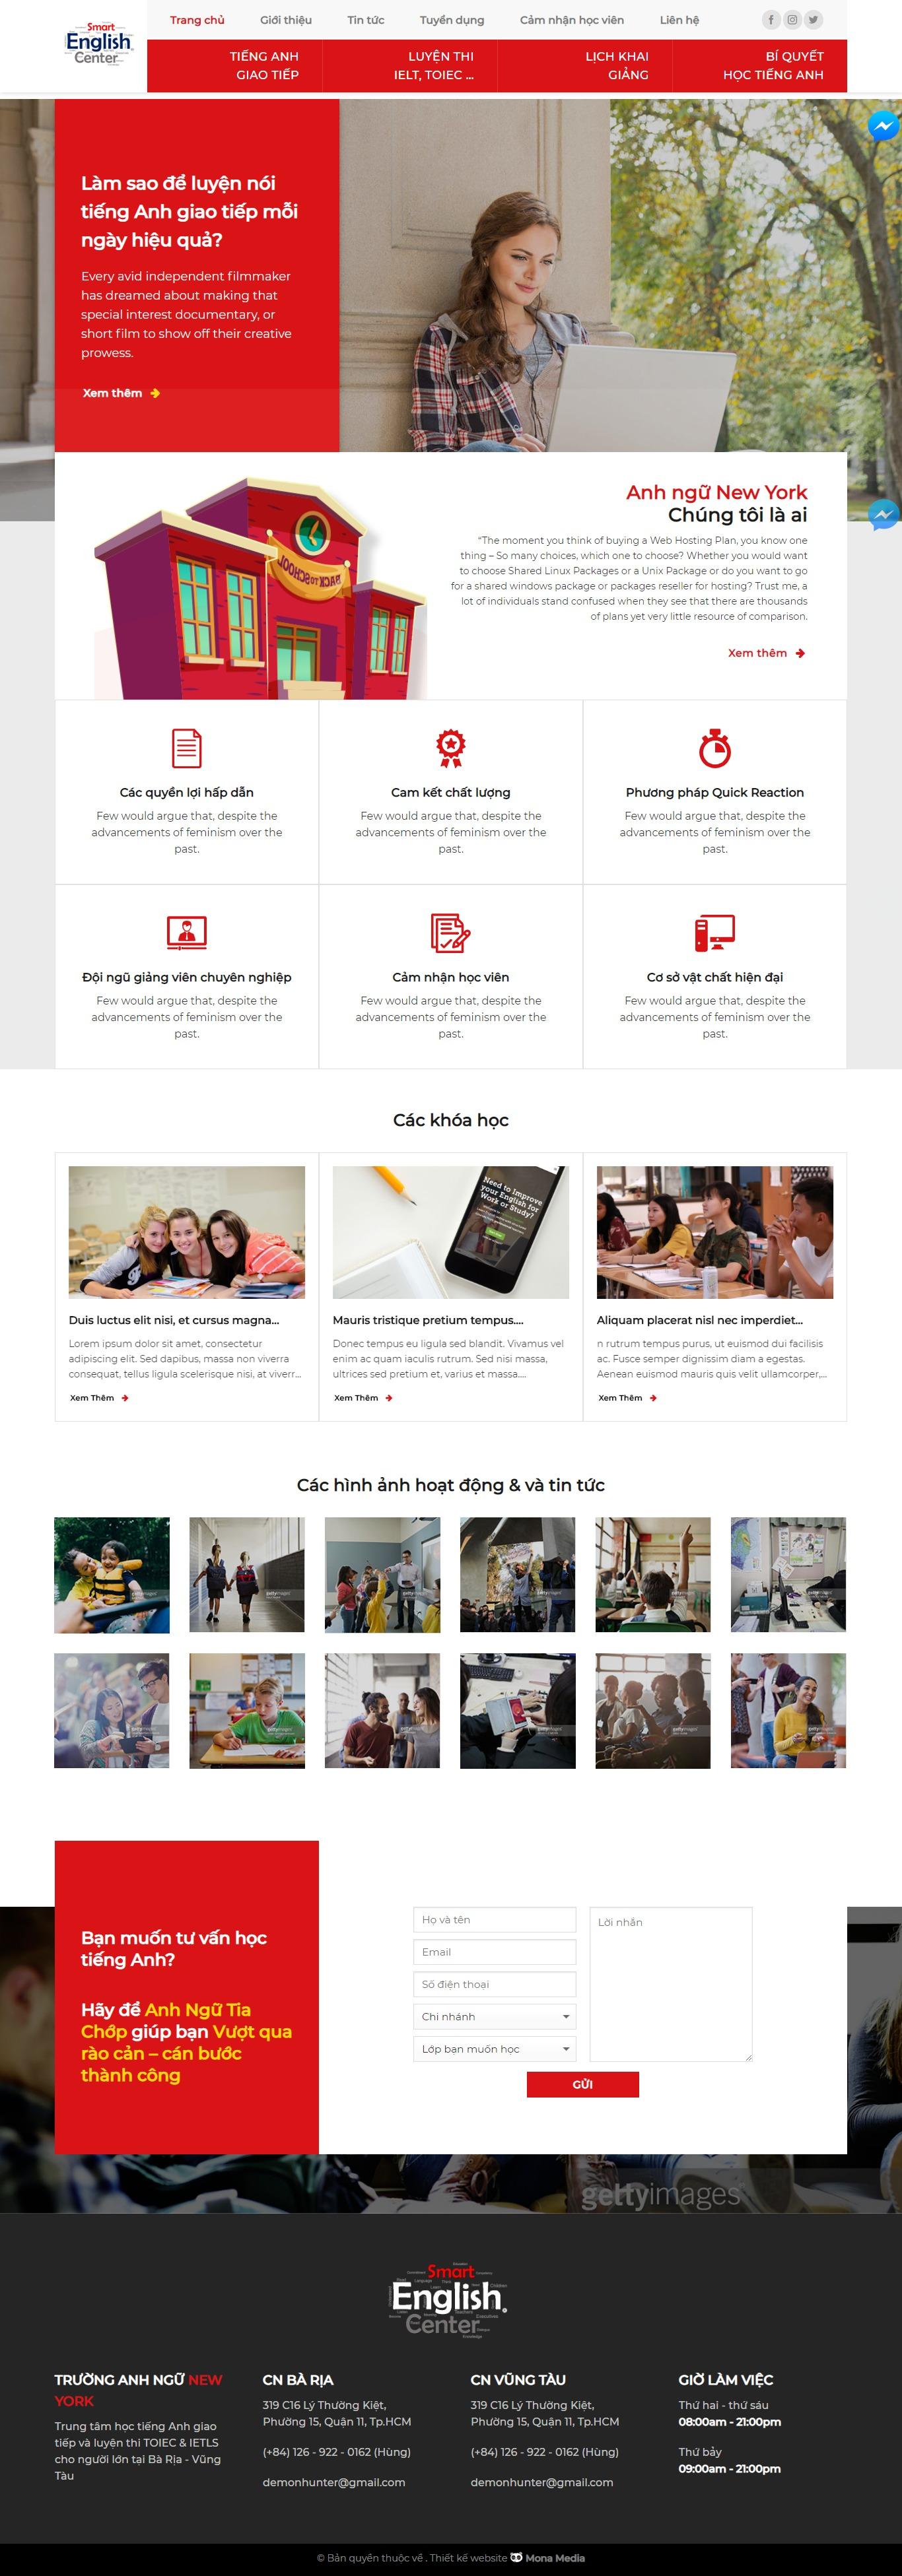 Mẫu website giới thiệu trung tâm anh ngữ giao diện tương tự Newyork